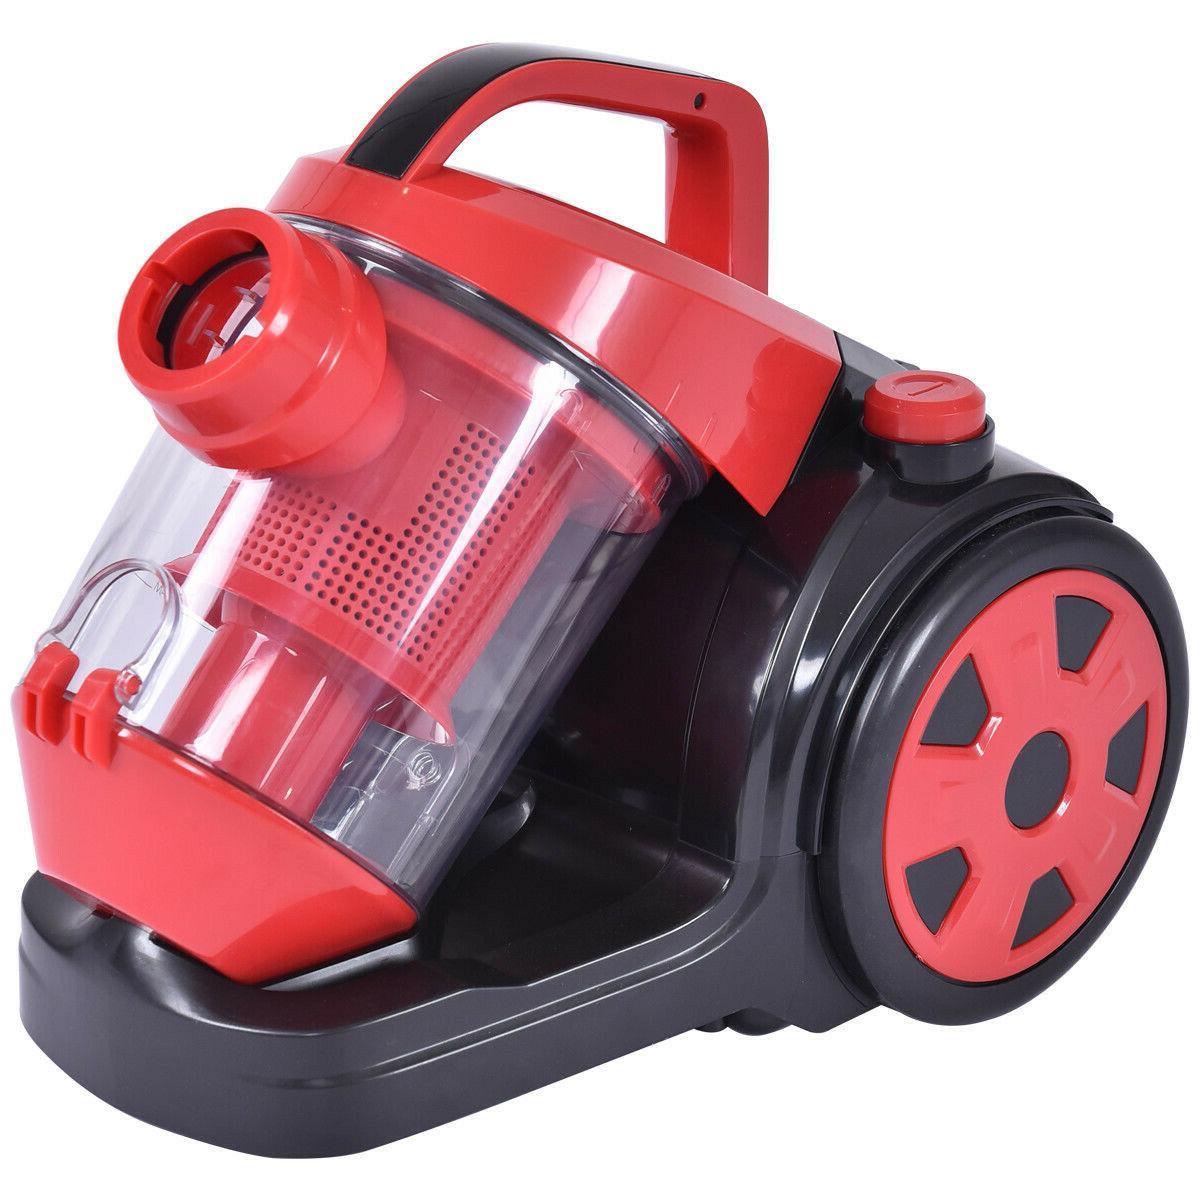 Vacuum Cleaner Bagless Rewind Carpet Hard Floor w HEPA Filtration